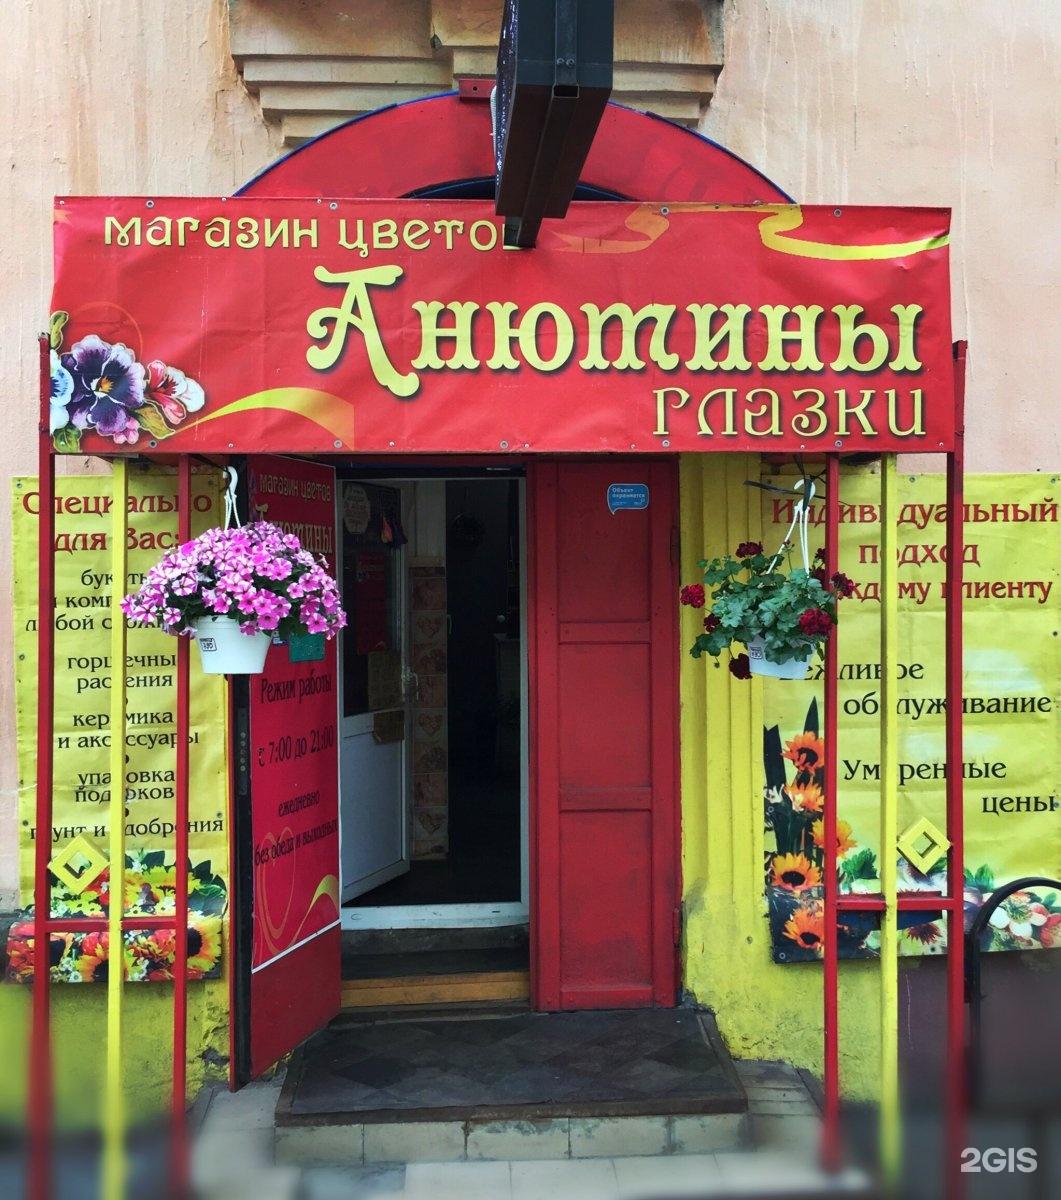 Анютины глазки магазин цветов